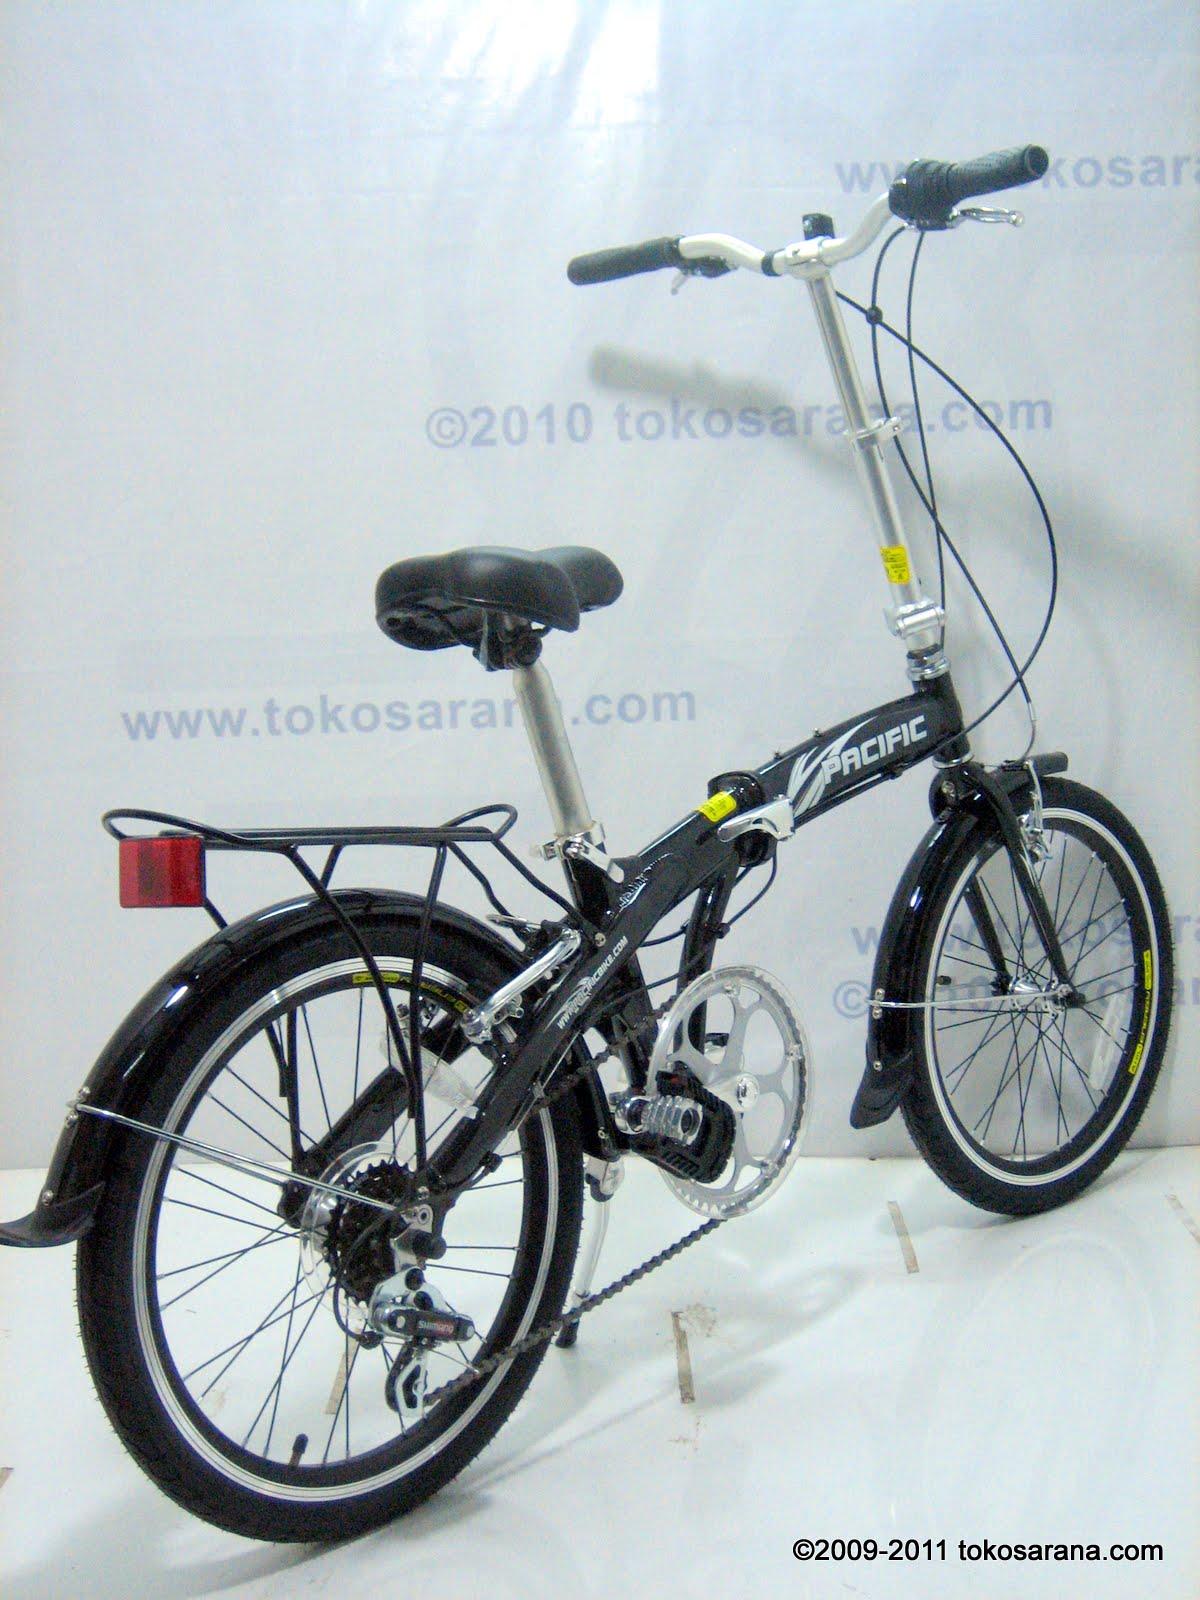 http://2.bp.blogspot.com/-ywZcF7kIpNI/Tb_--jd2zVI/AAAAAAAANDE/xXTyvFp-J8k/s1600/20+pacific+folding+bike+%25283%2529.JPG